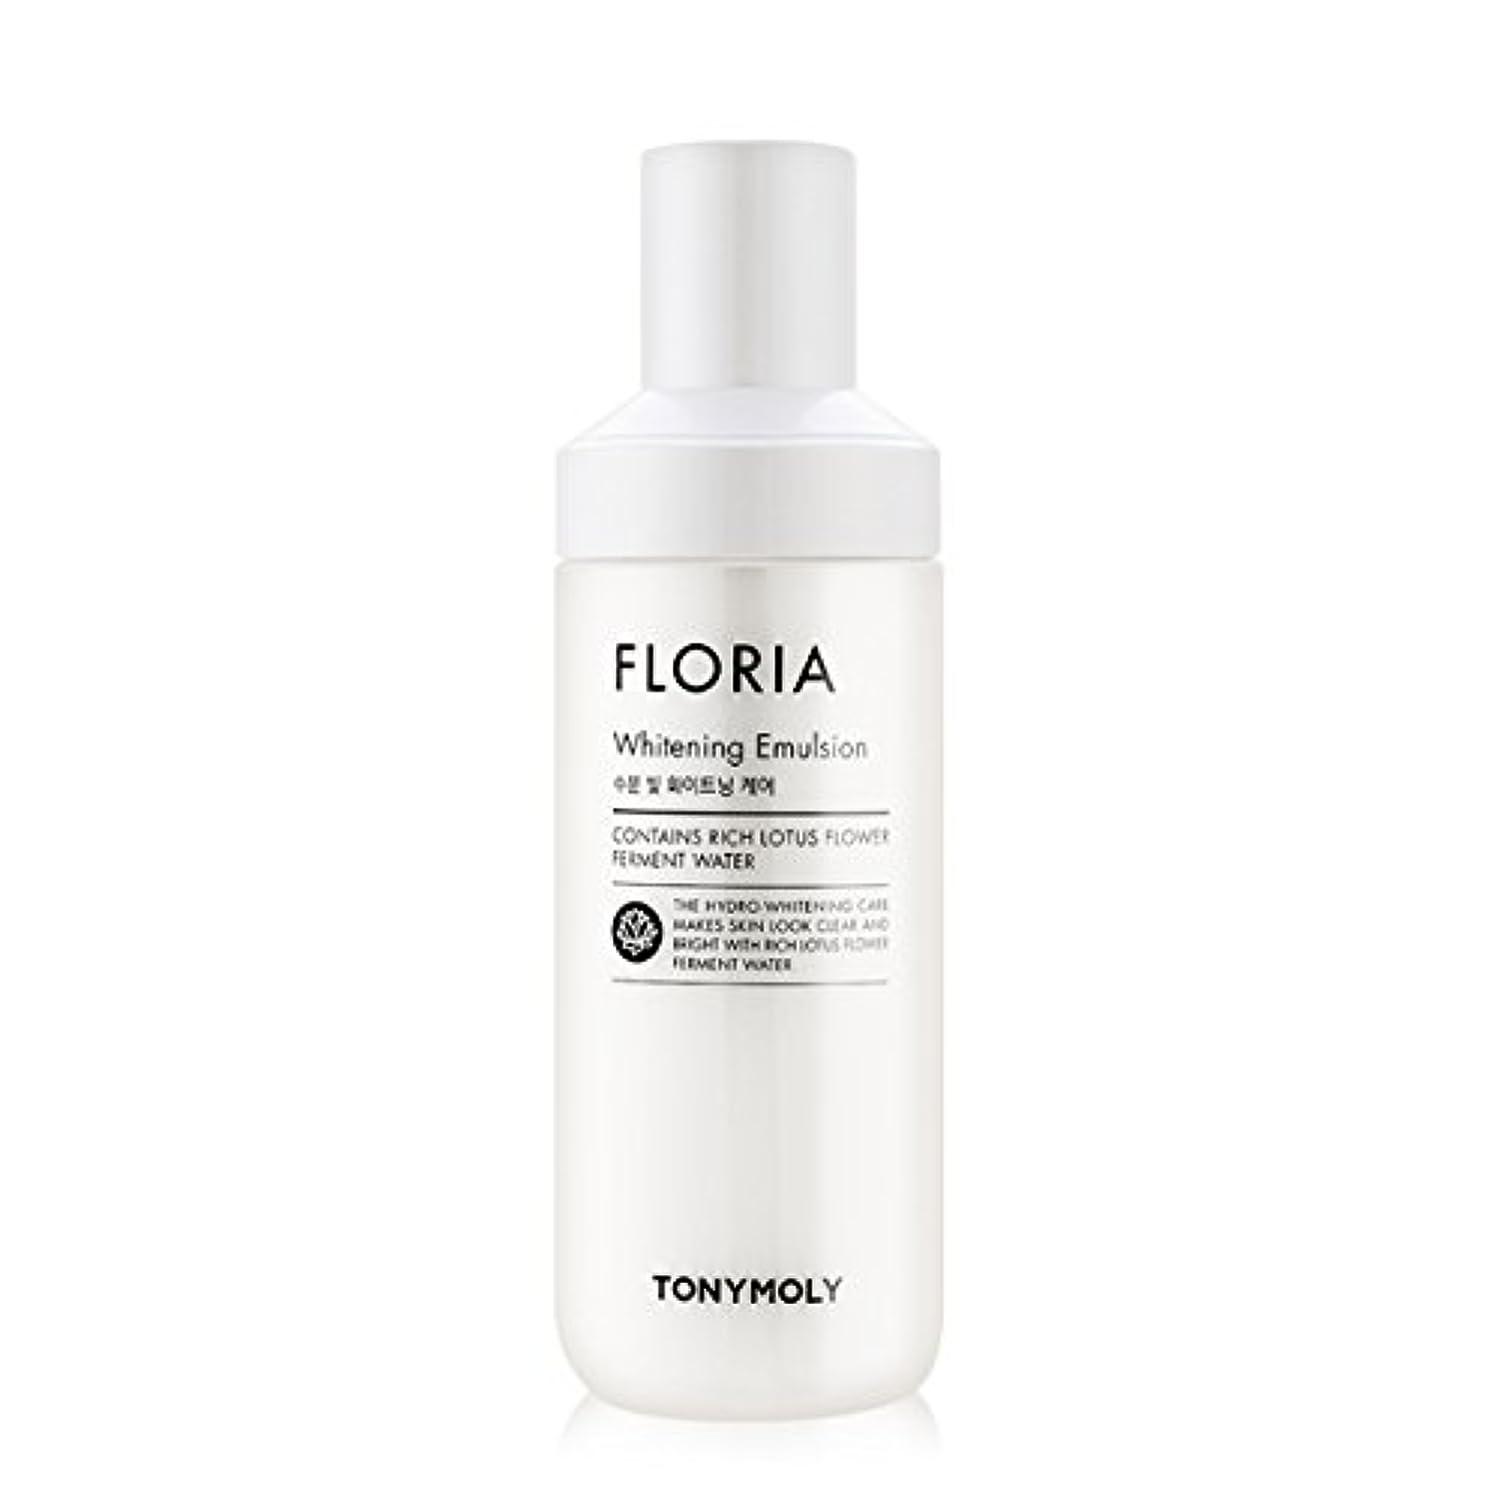 韓国絶妙帰る[2016 New] TONYMOLY Floria Whitening Emulsion 160ml/トニーモリー フロリア ホワイトニング エマルジョン 160ml